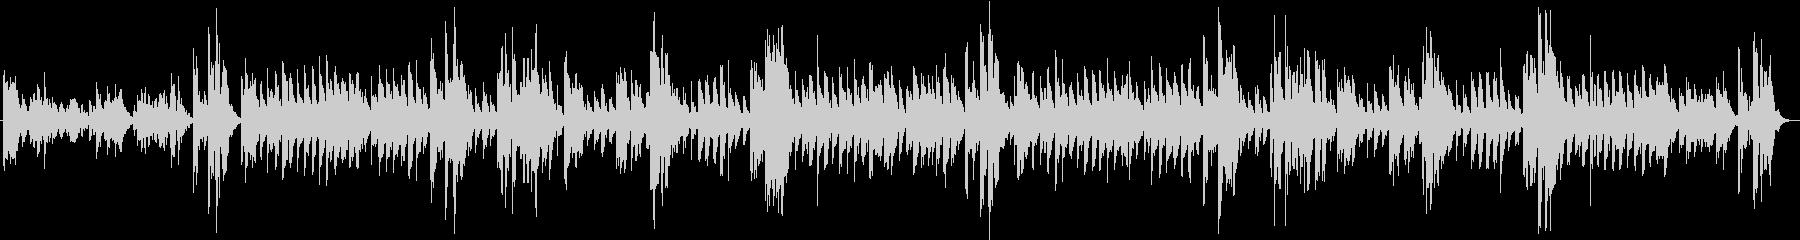 オルゴールの感動シーンの楽曲 劇伴の未再生の波形